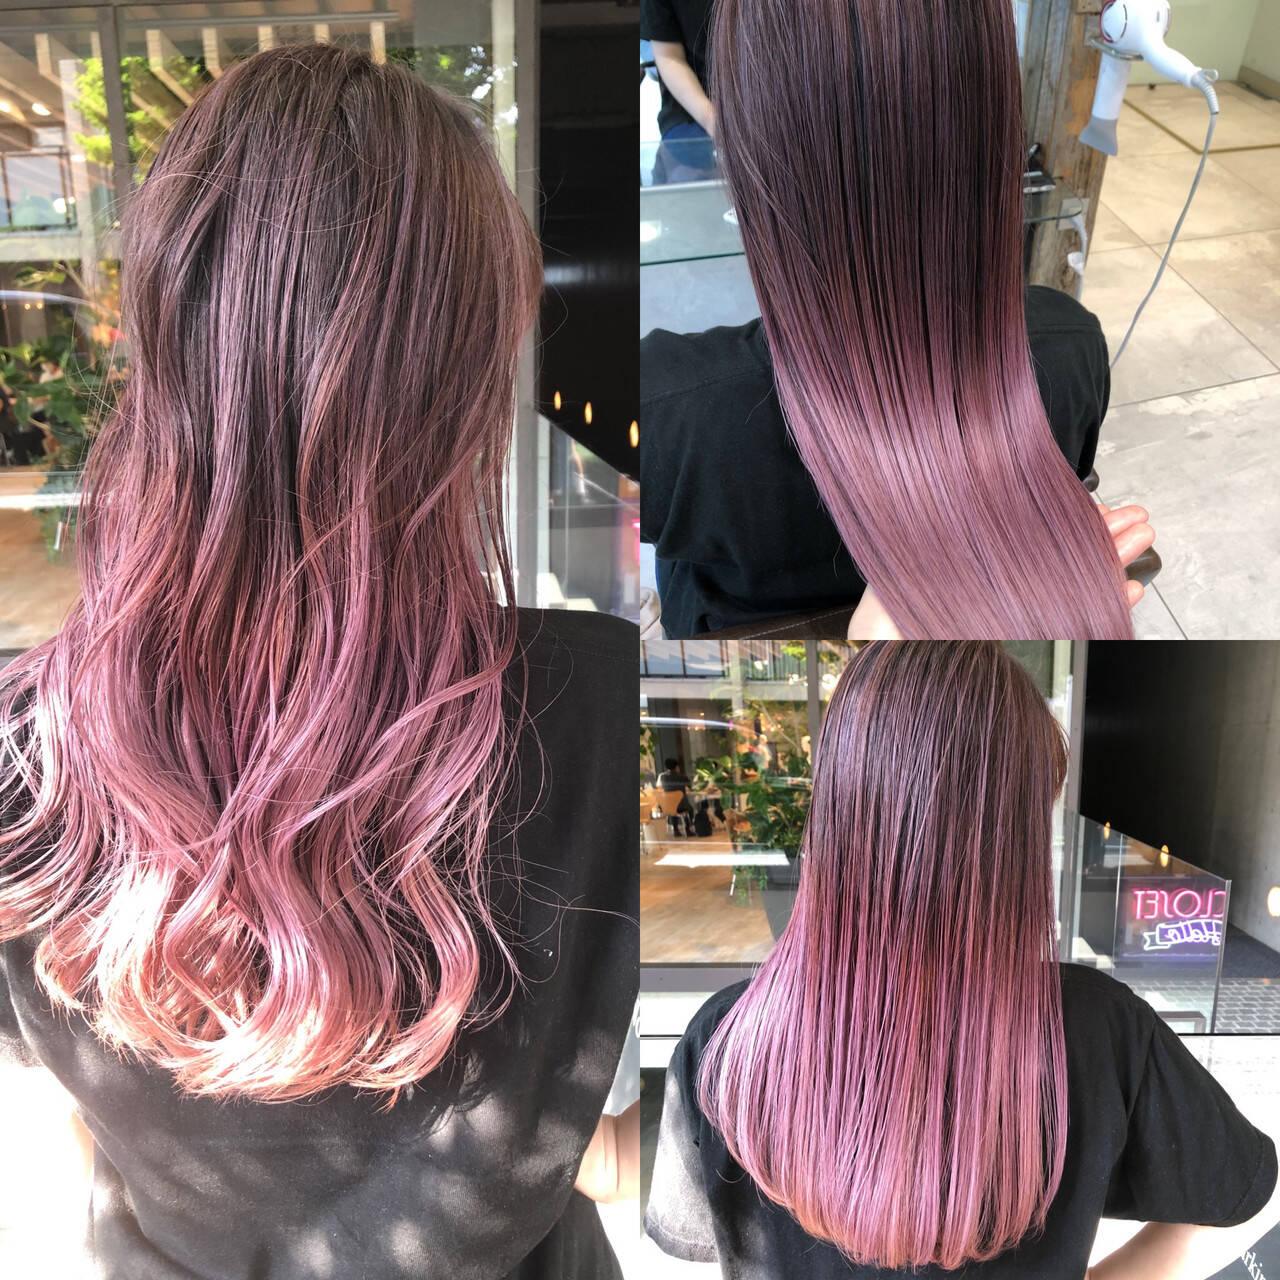 ロング ピンクアッシュ ピンクパープル ハイライトヘアスタイルや髪型の写真・画像